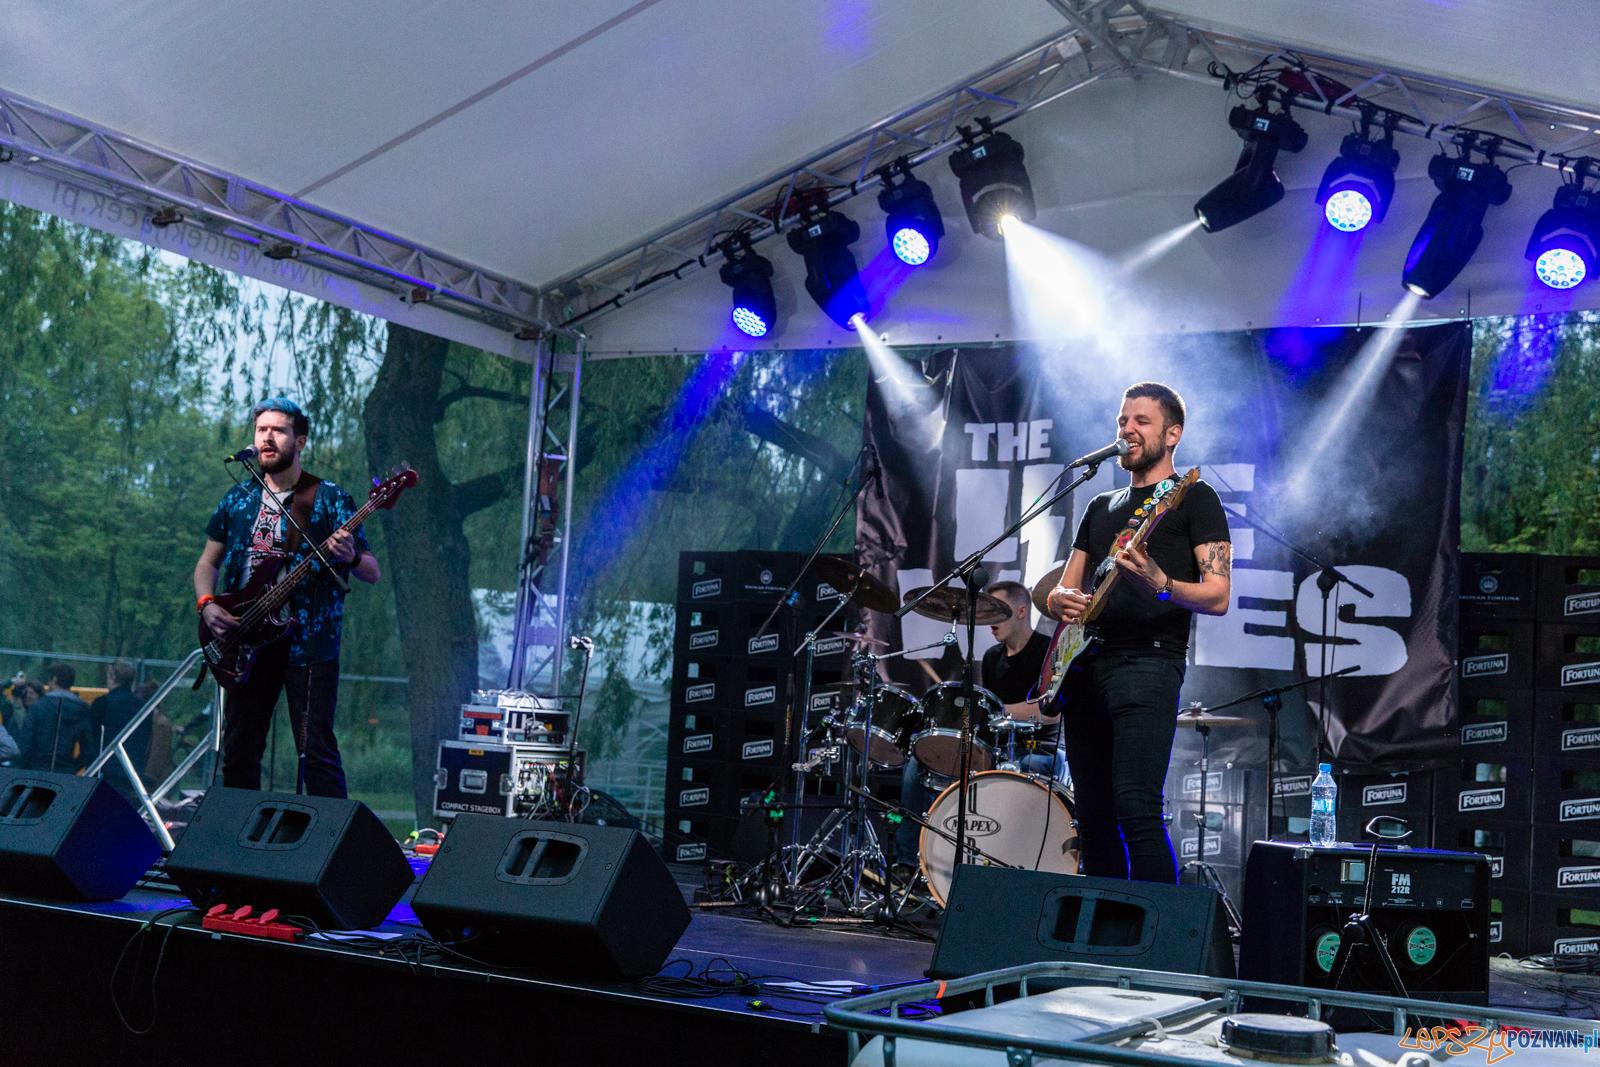 Juwenalia 2019 (The Live Wires) - dzień 1 - Poznań 24.05.2019  Foto: LepszyPOZNAN.pl / Paweł Rychter